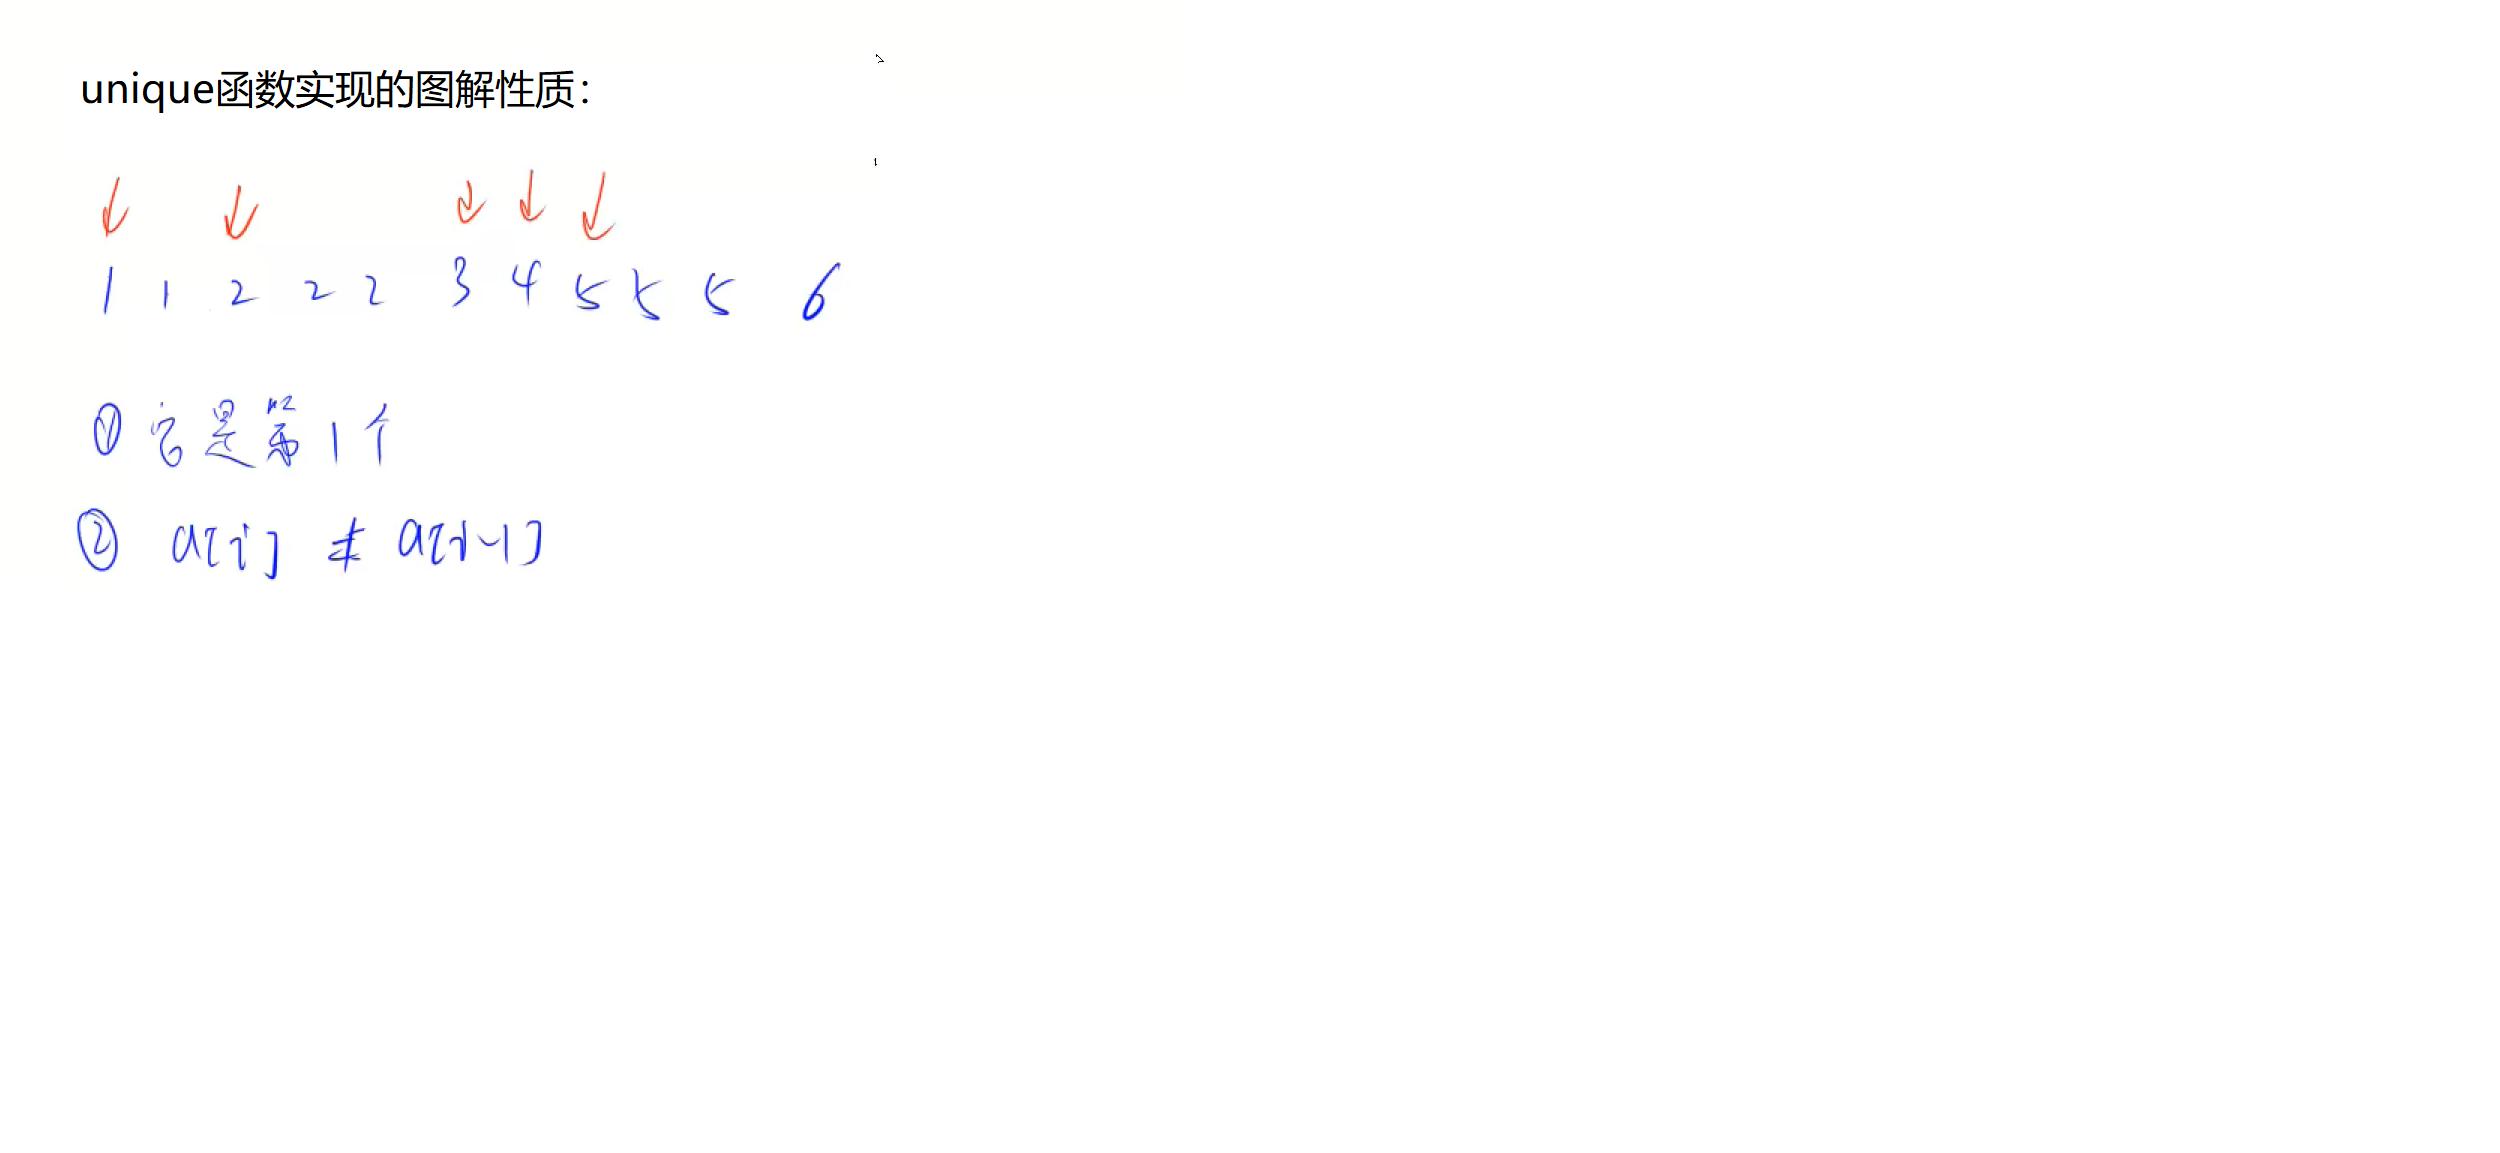 acwing802区间和(unique函数).png